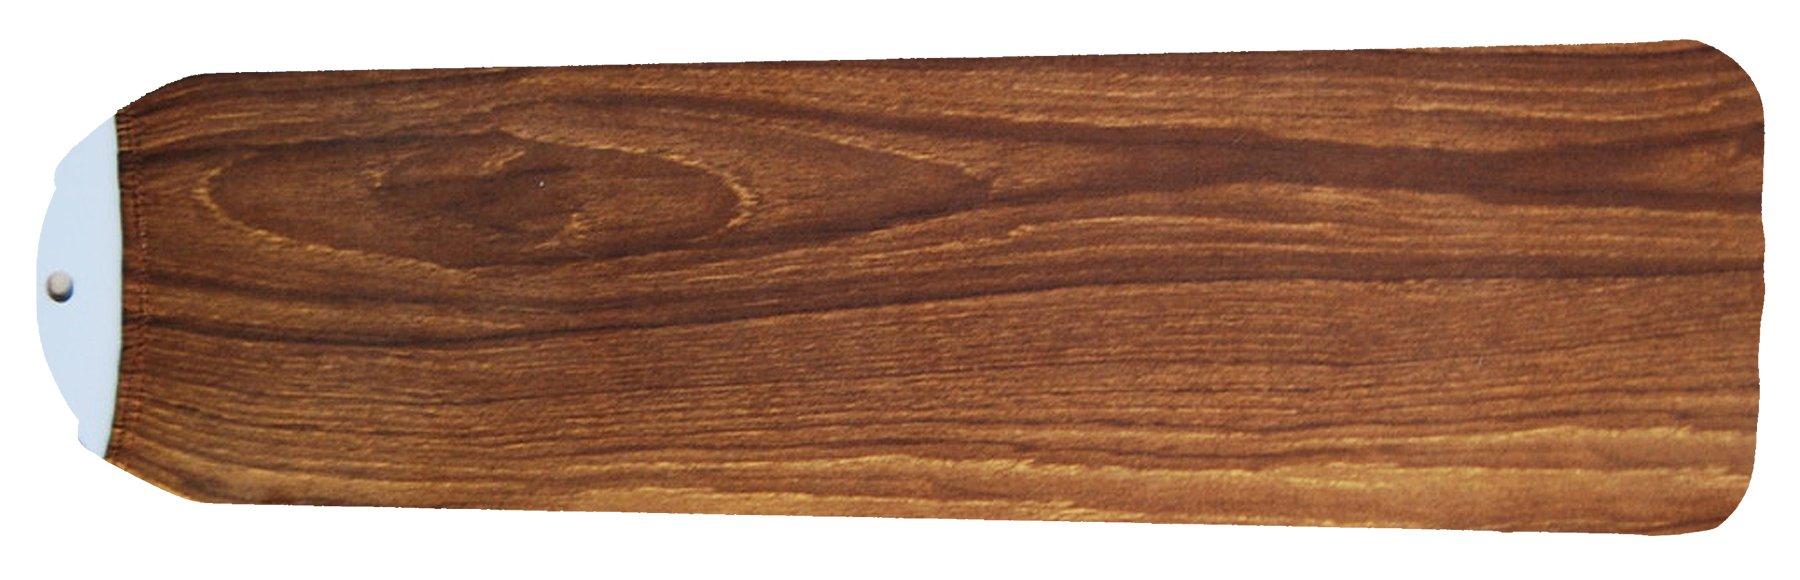 Fan Blade Designs Wood Ceiling Fan Blade Covers by Fan Blade Designs (Image #2)